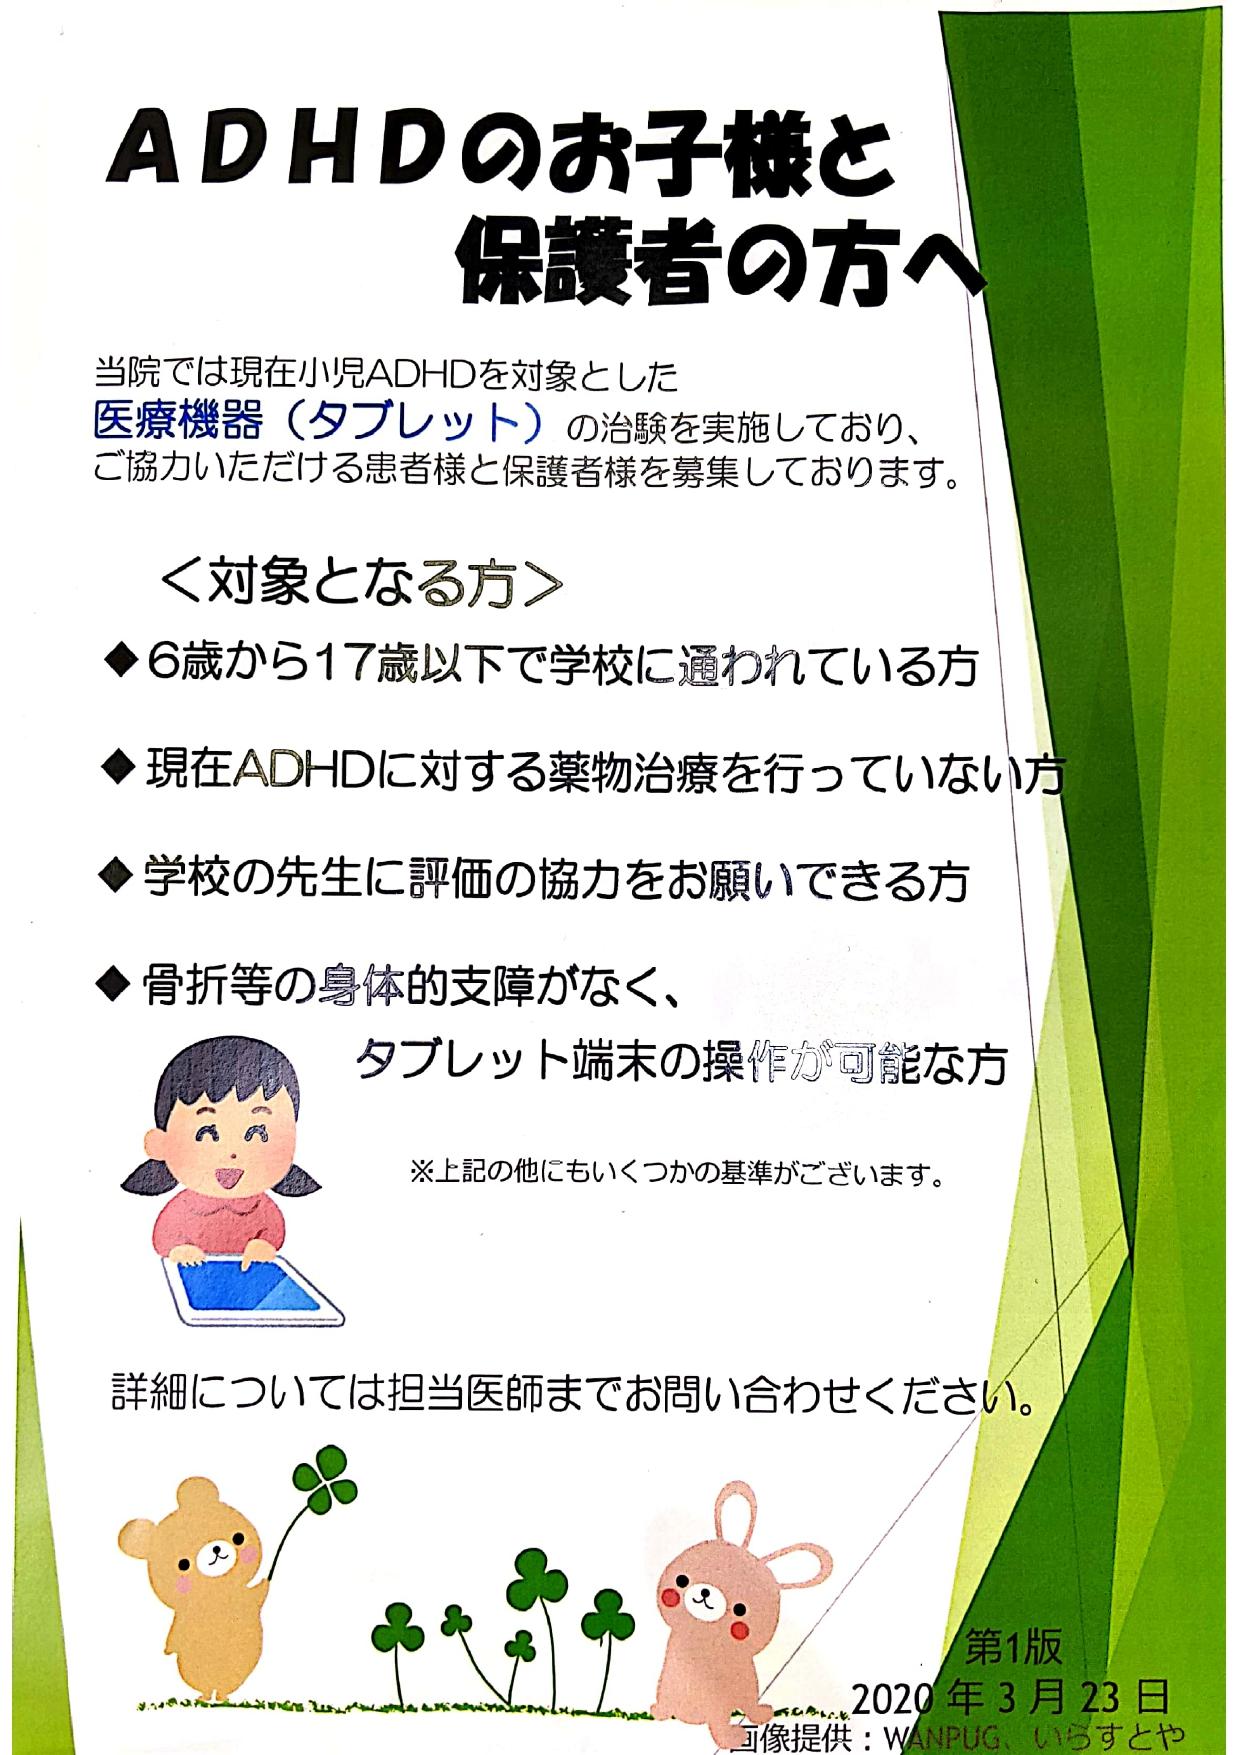 新規ドキュメント 09-07-2020 16.25.37_page-0001